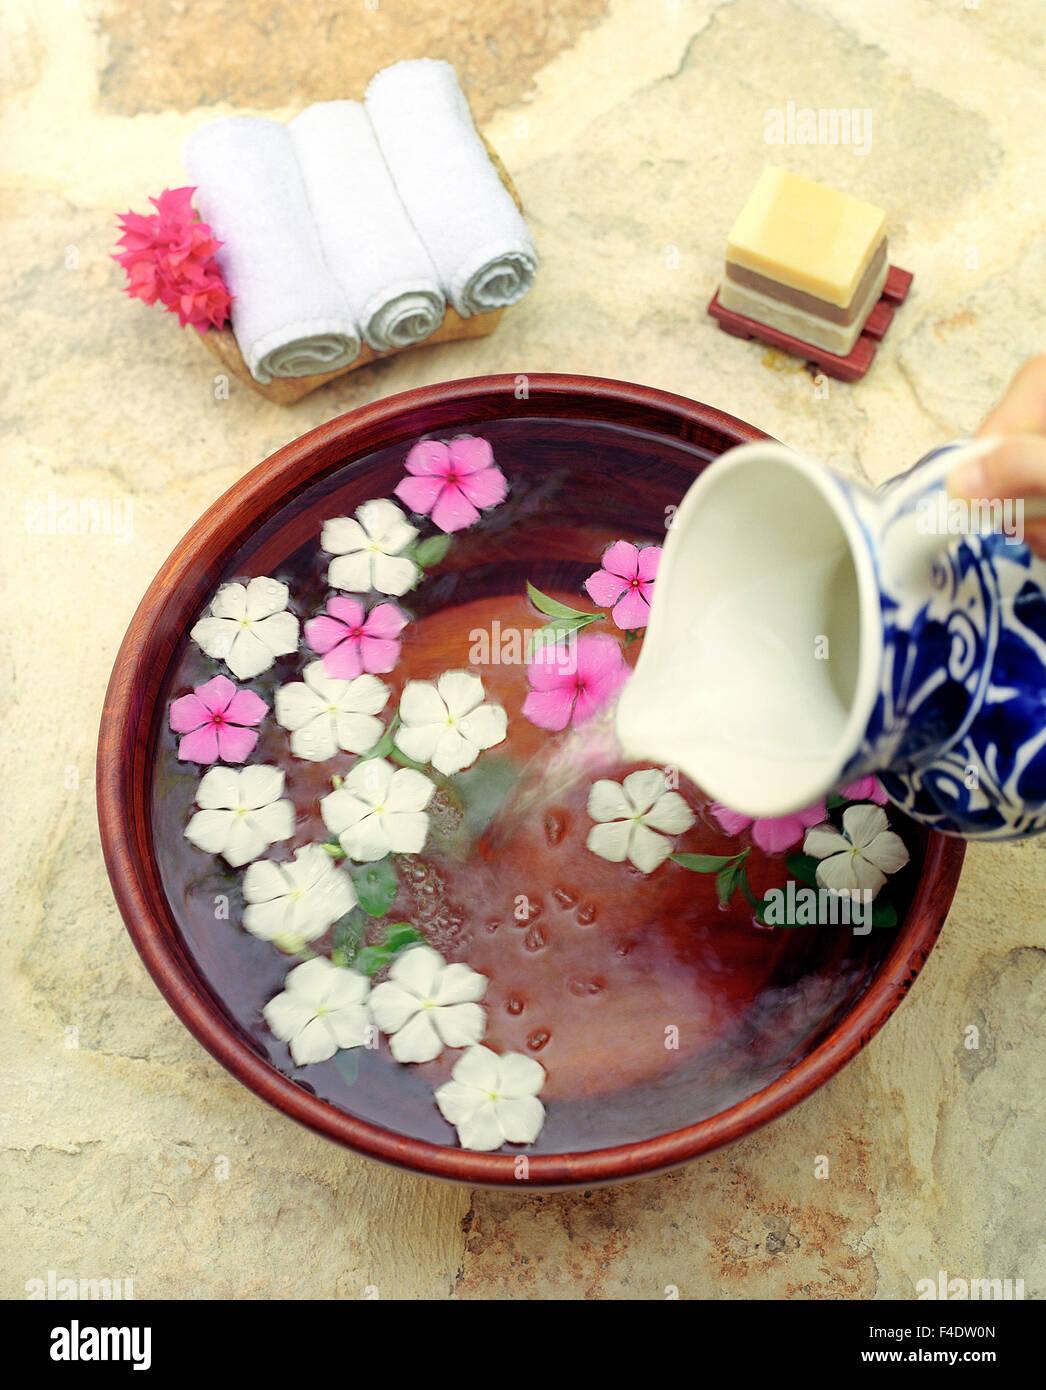 Ein Fuß mit mexikanische Myrte Blumen und Orangenblüten, Schokolade Trüffel, Minze Seifen waschen. Stockbild